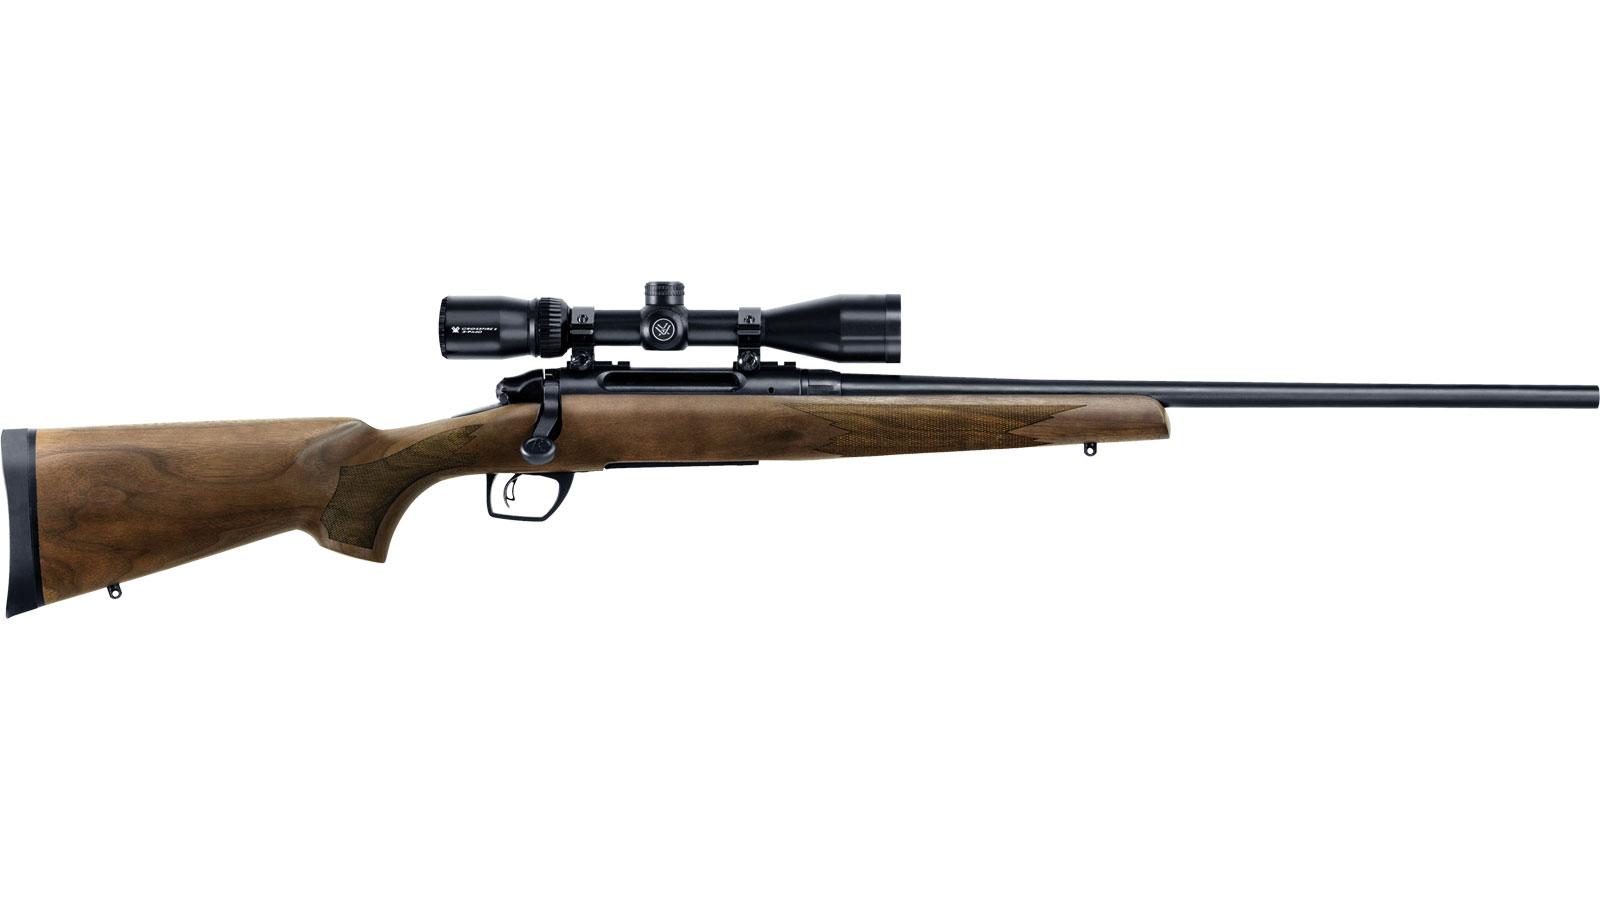 Remington Firearms 85886 783 with Scope Bolt 270 Win 22 4+1 American Walnut Stk Blued in.